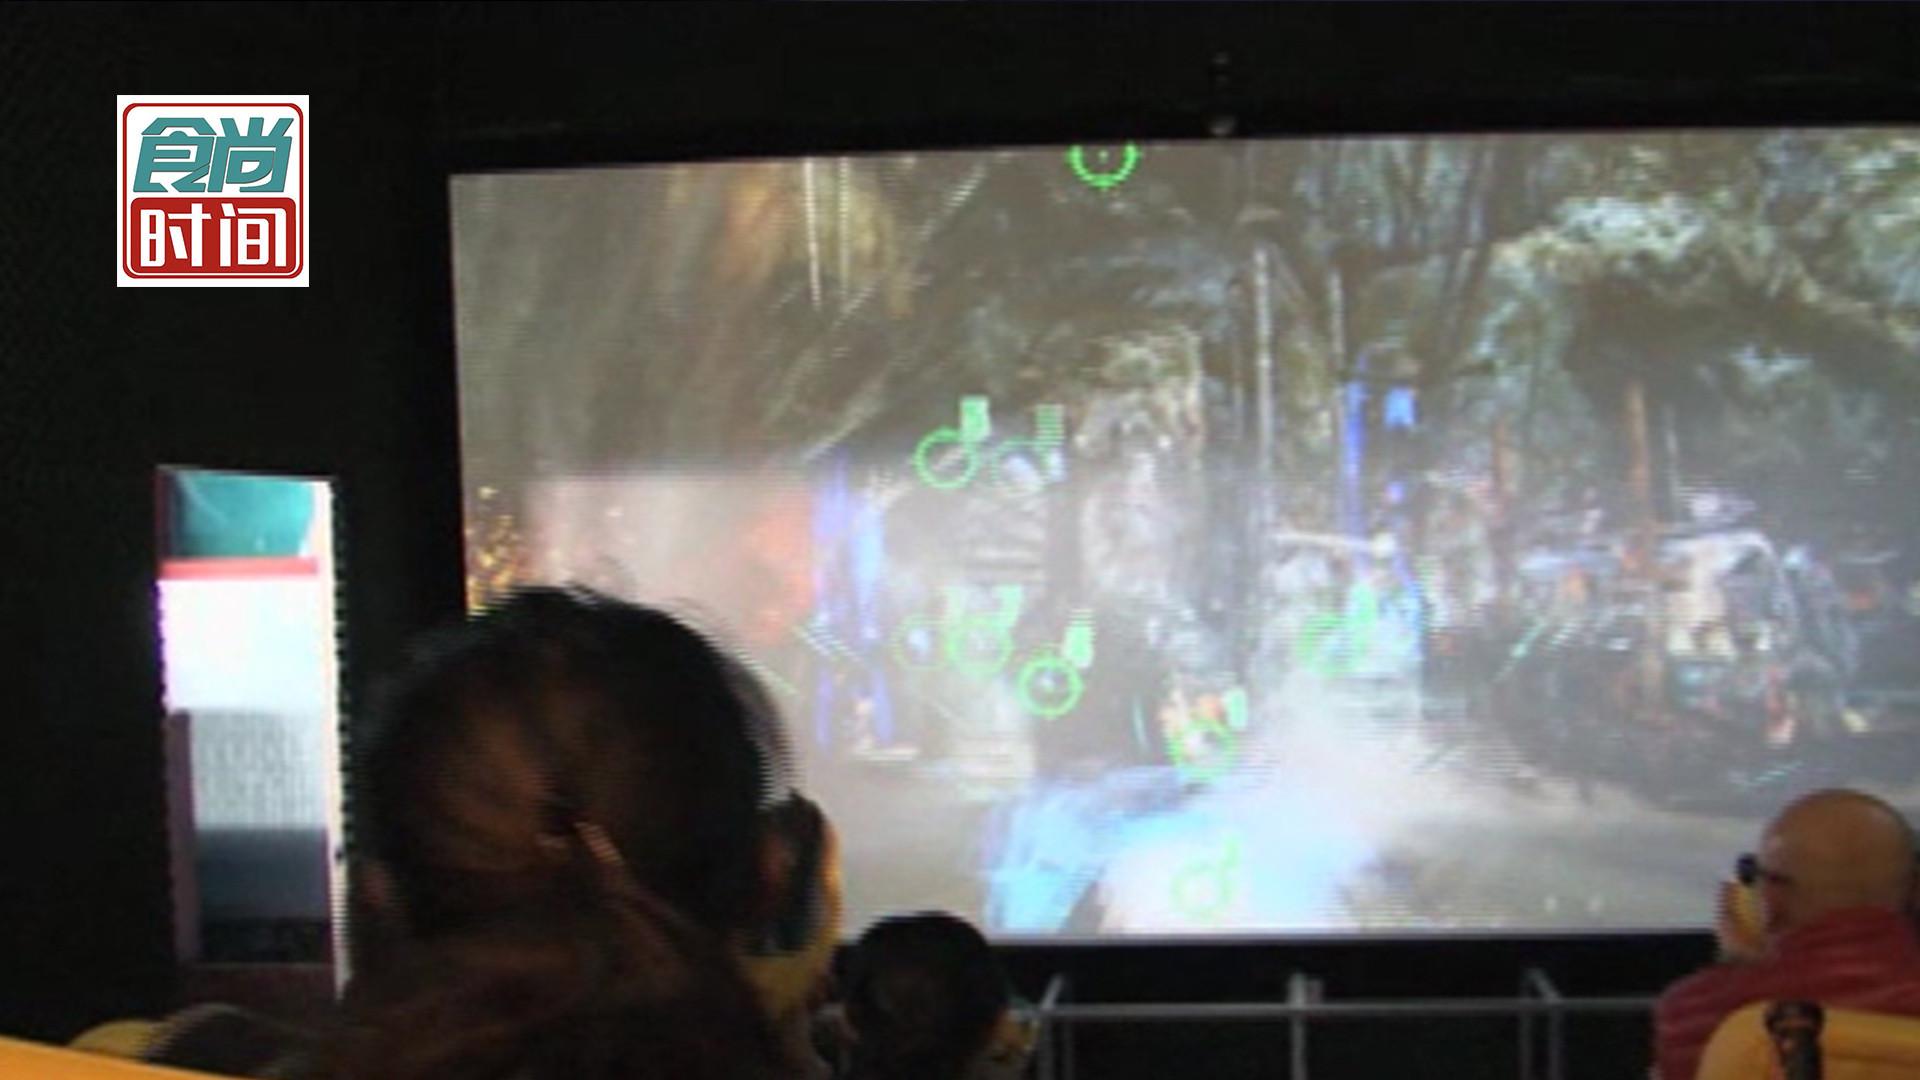 刺激!超魔幻的7D影院 带你领略不一样的感官体验